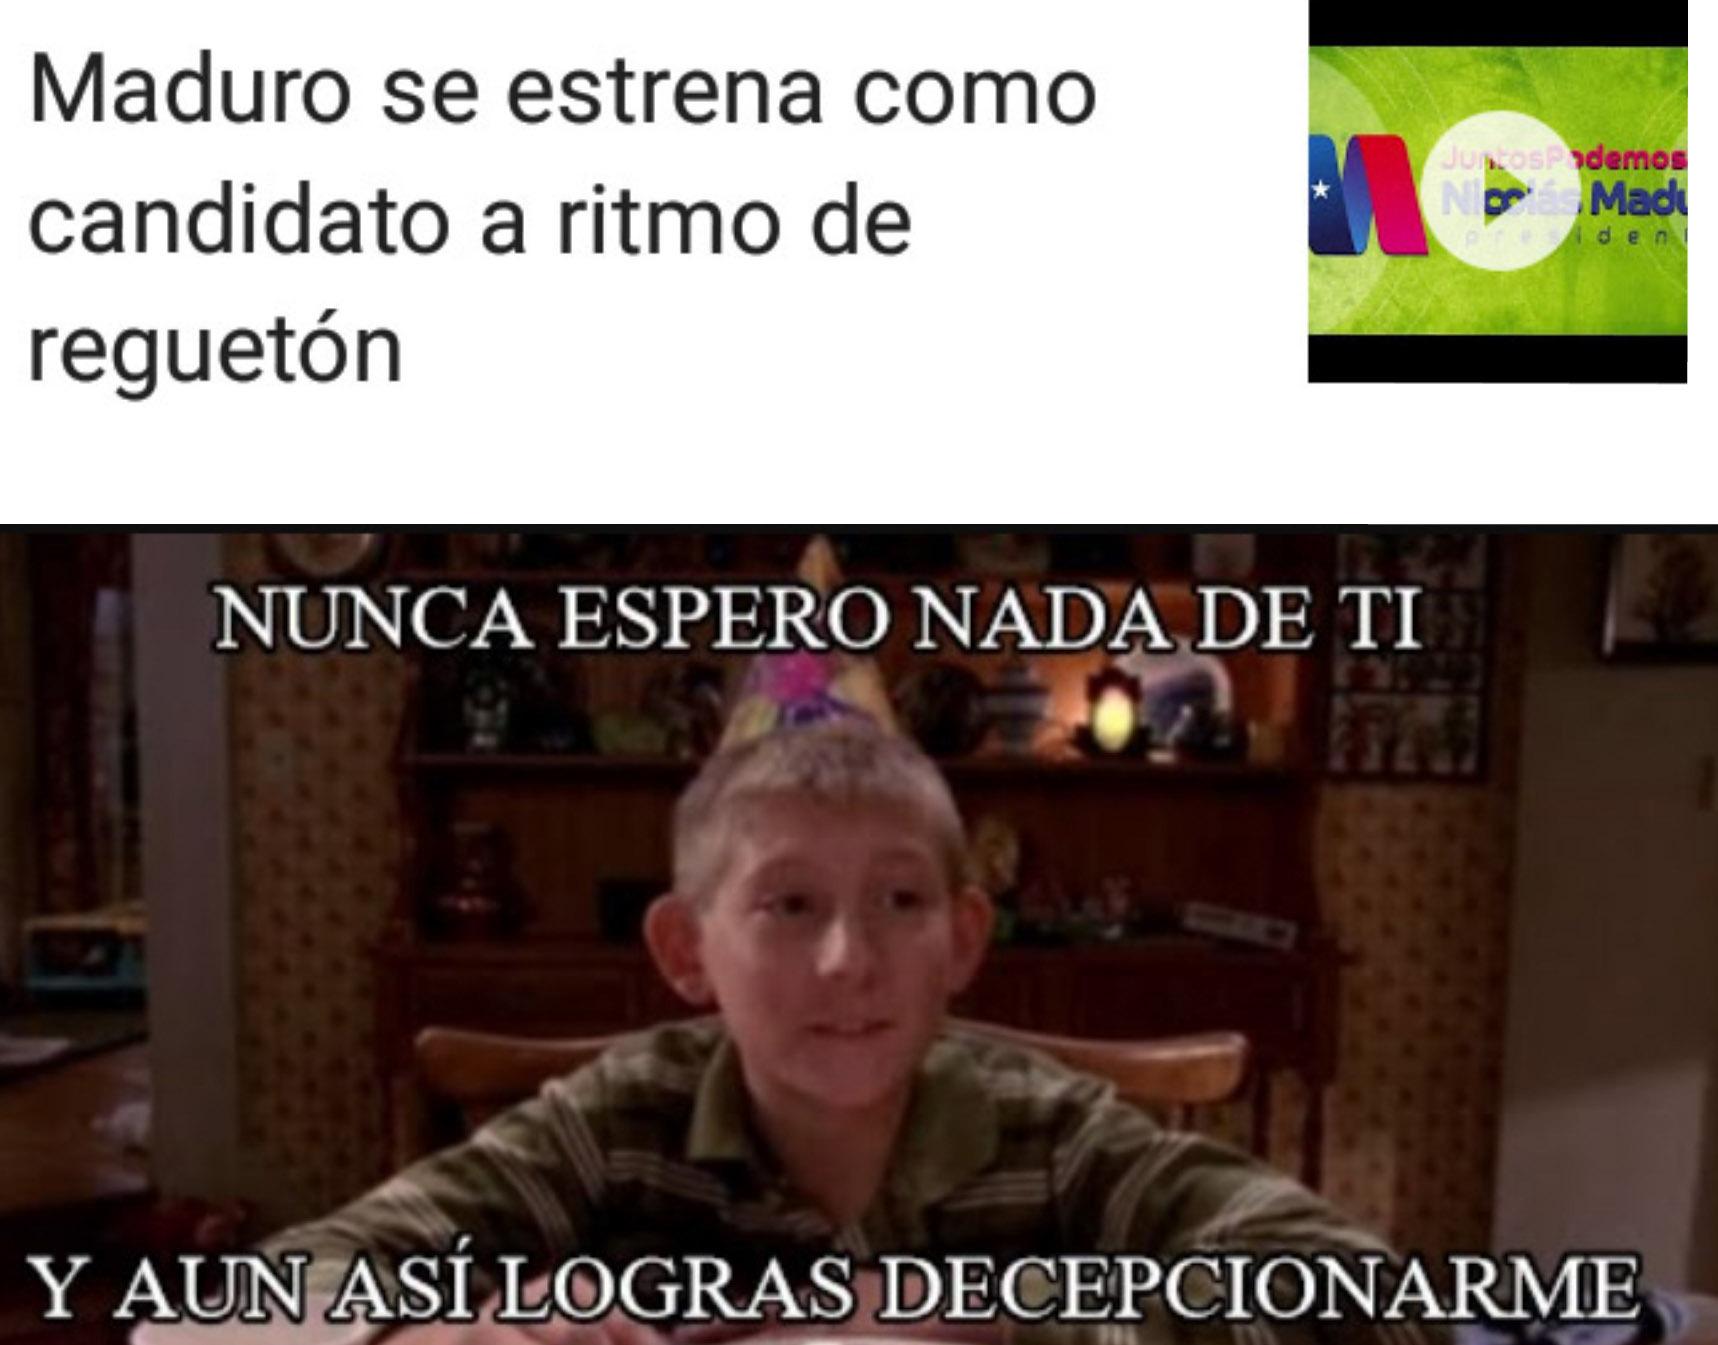 Maduro no podia caer mas bajo - meme